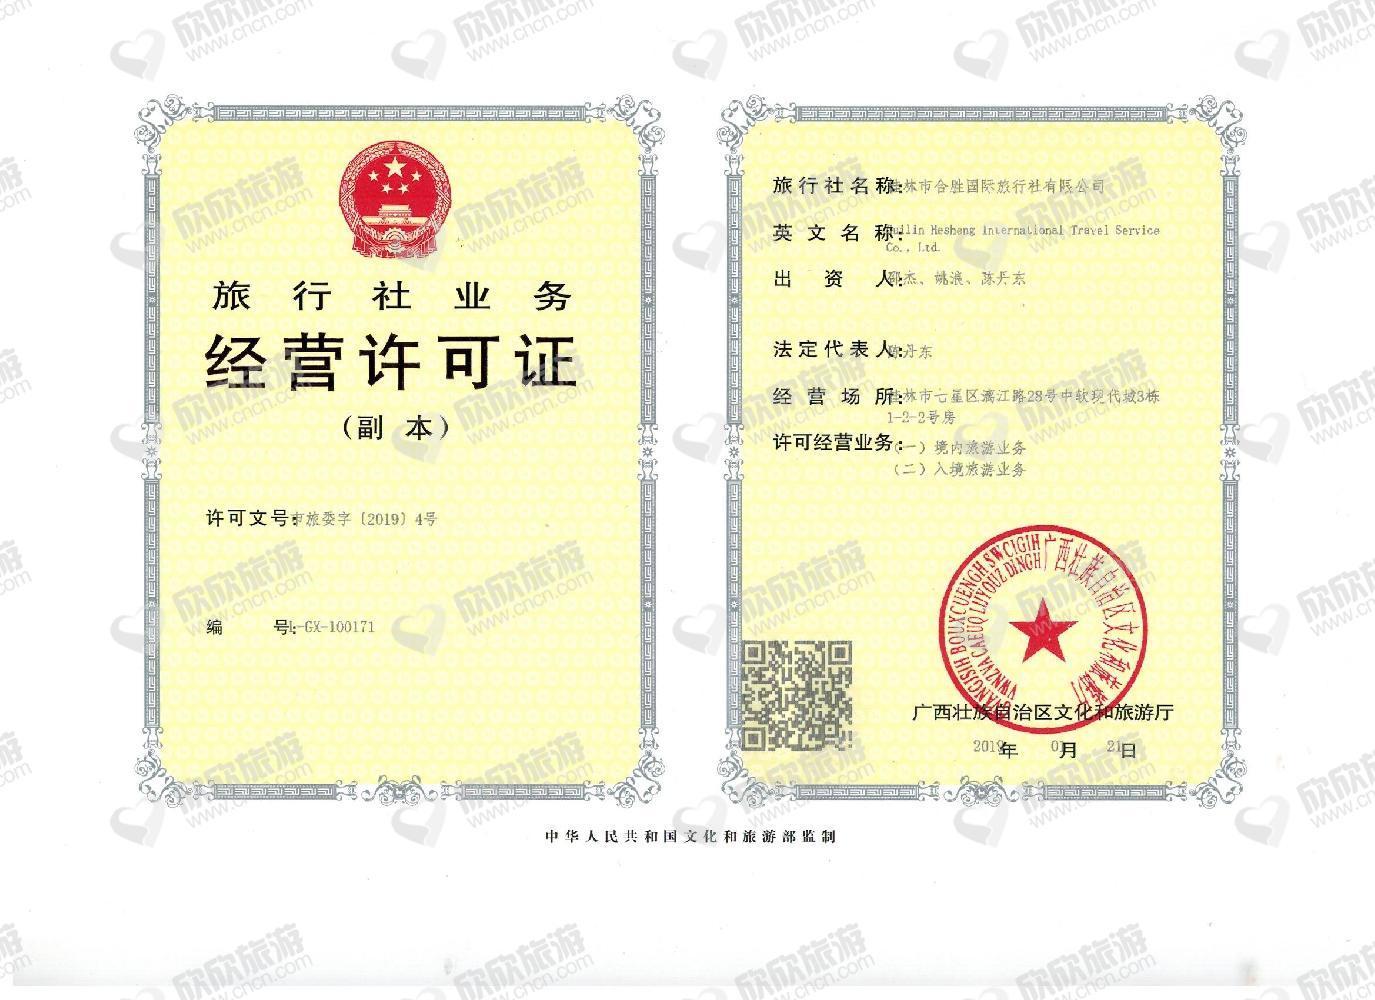 桂林金海国际旅游有限公司经营许可证